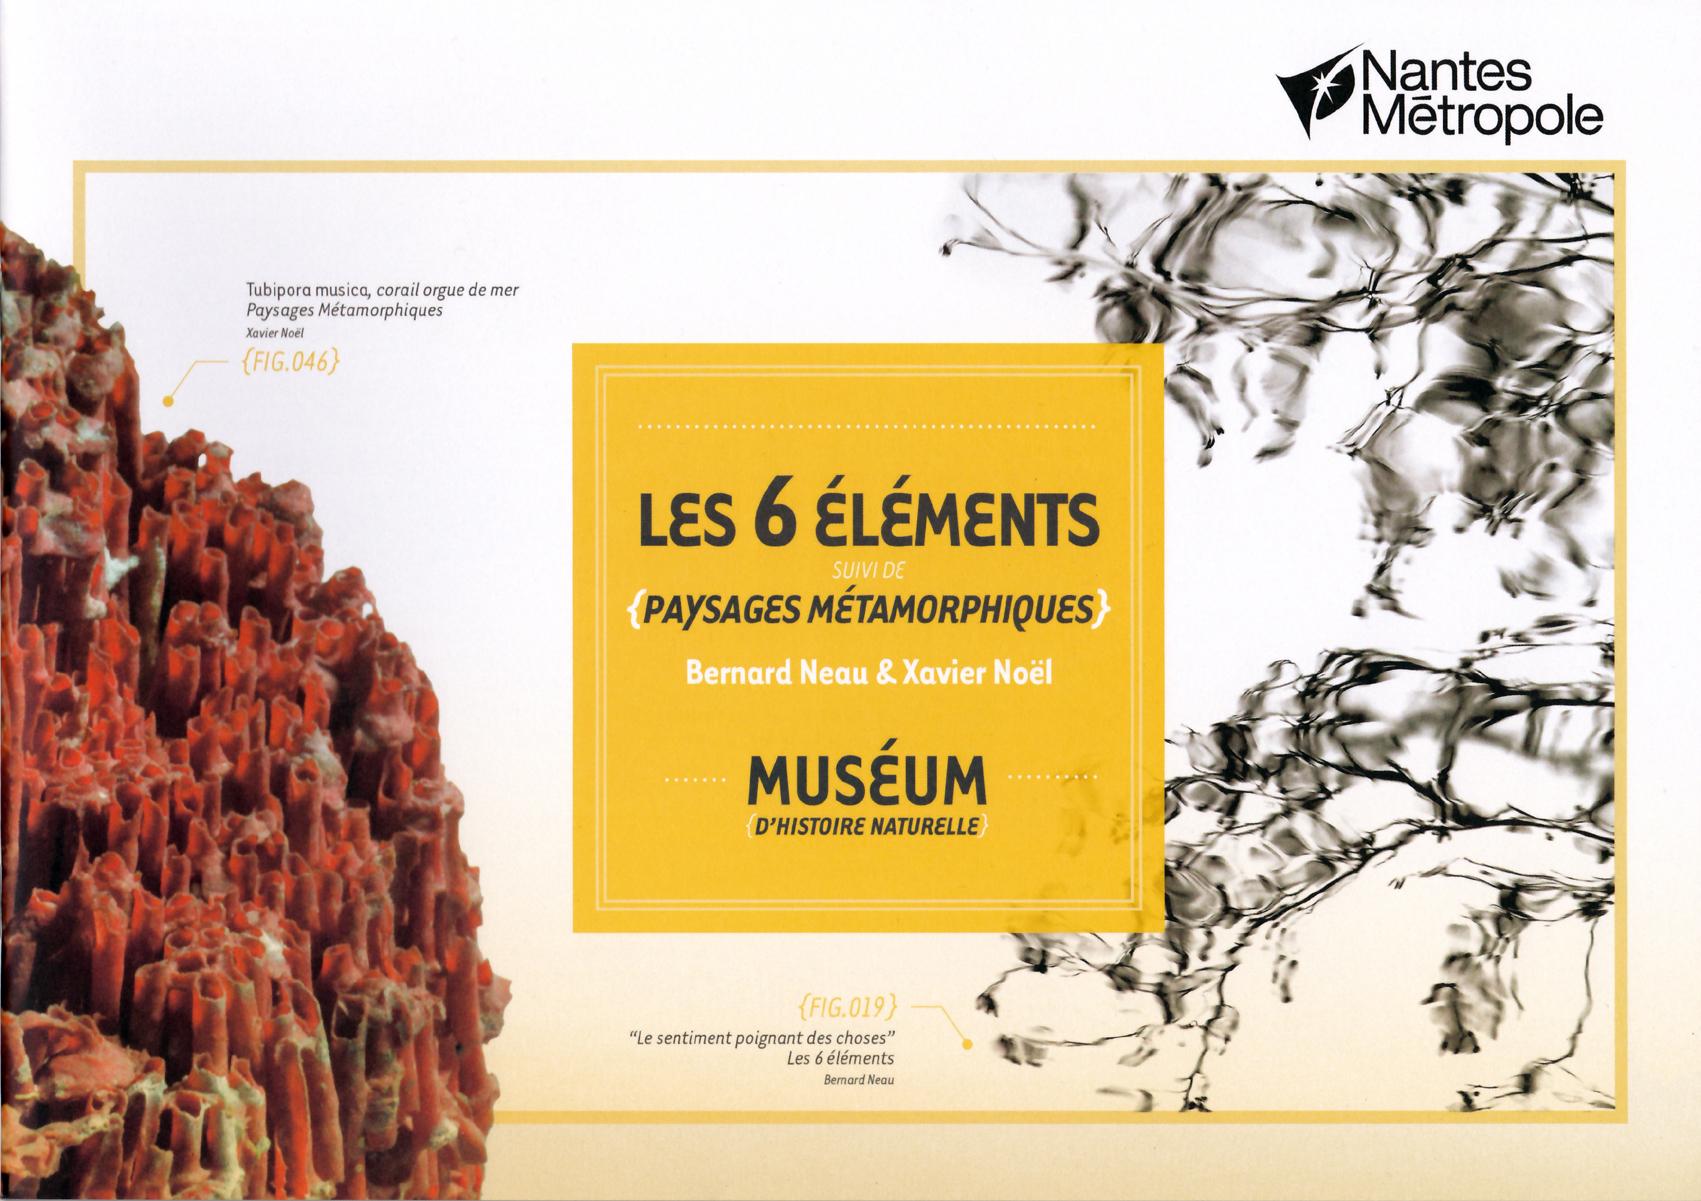 Catalogue de l'exposition au Muséum de Nantes-Métropole, 2016